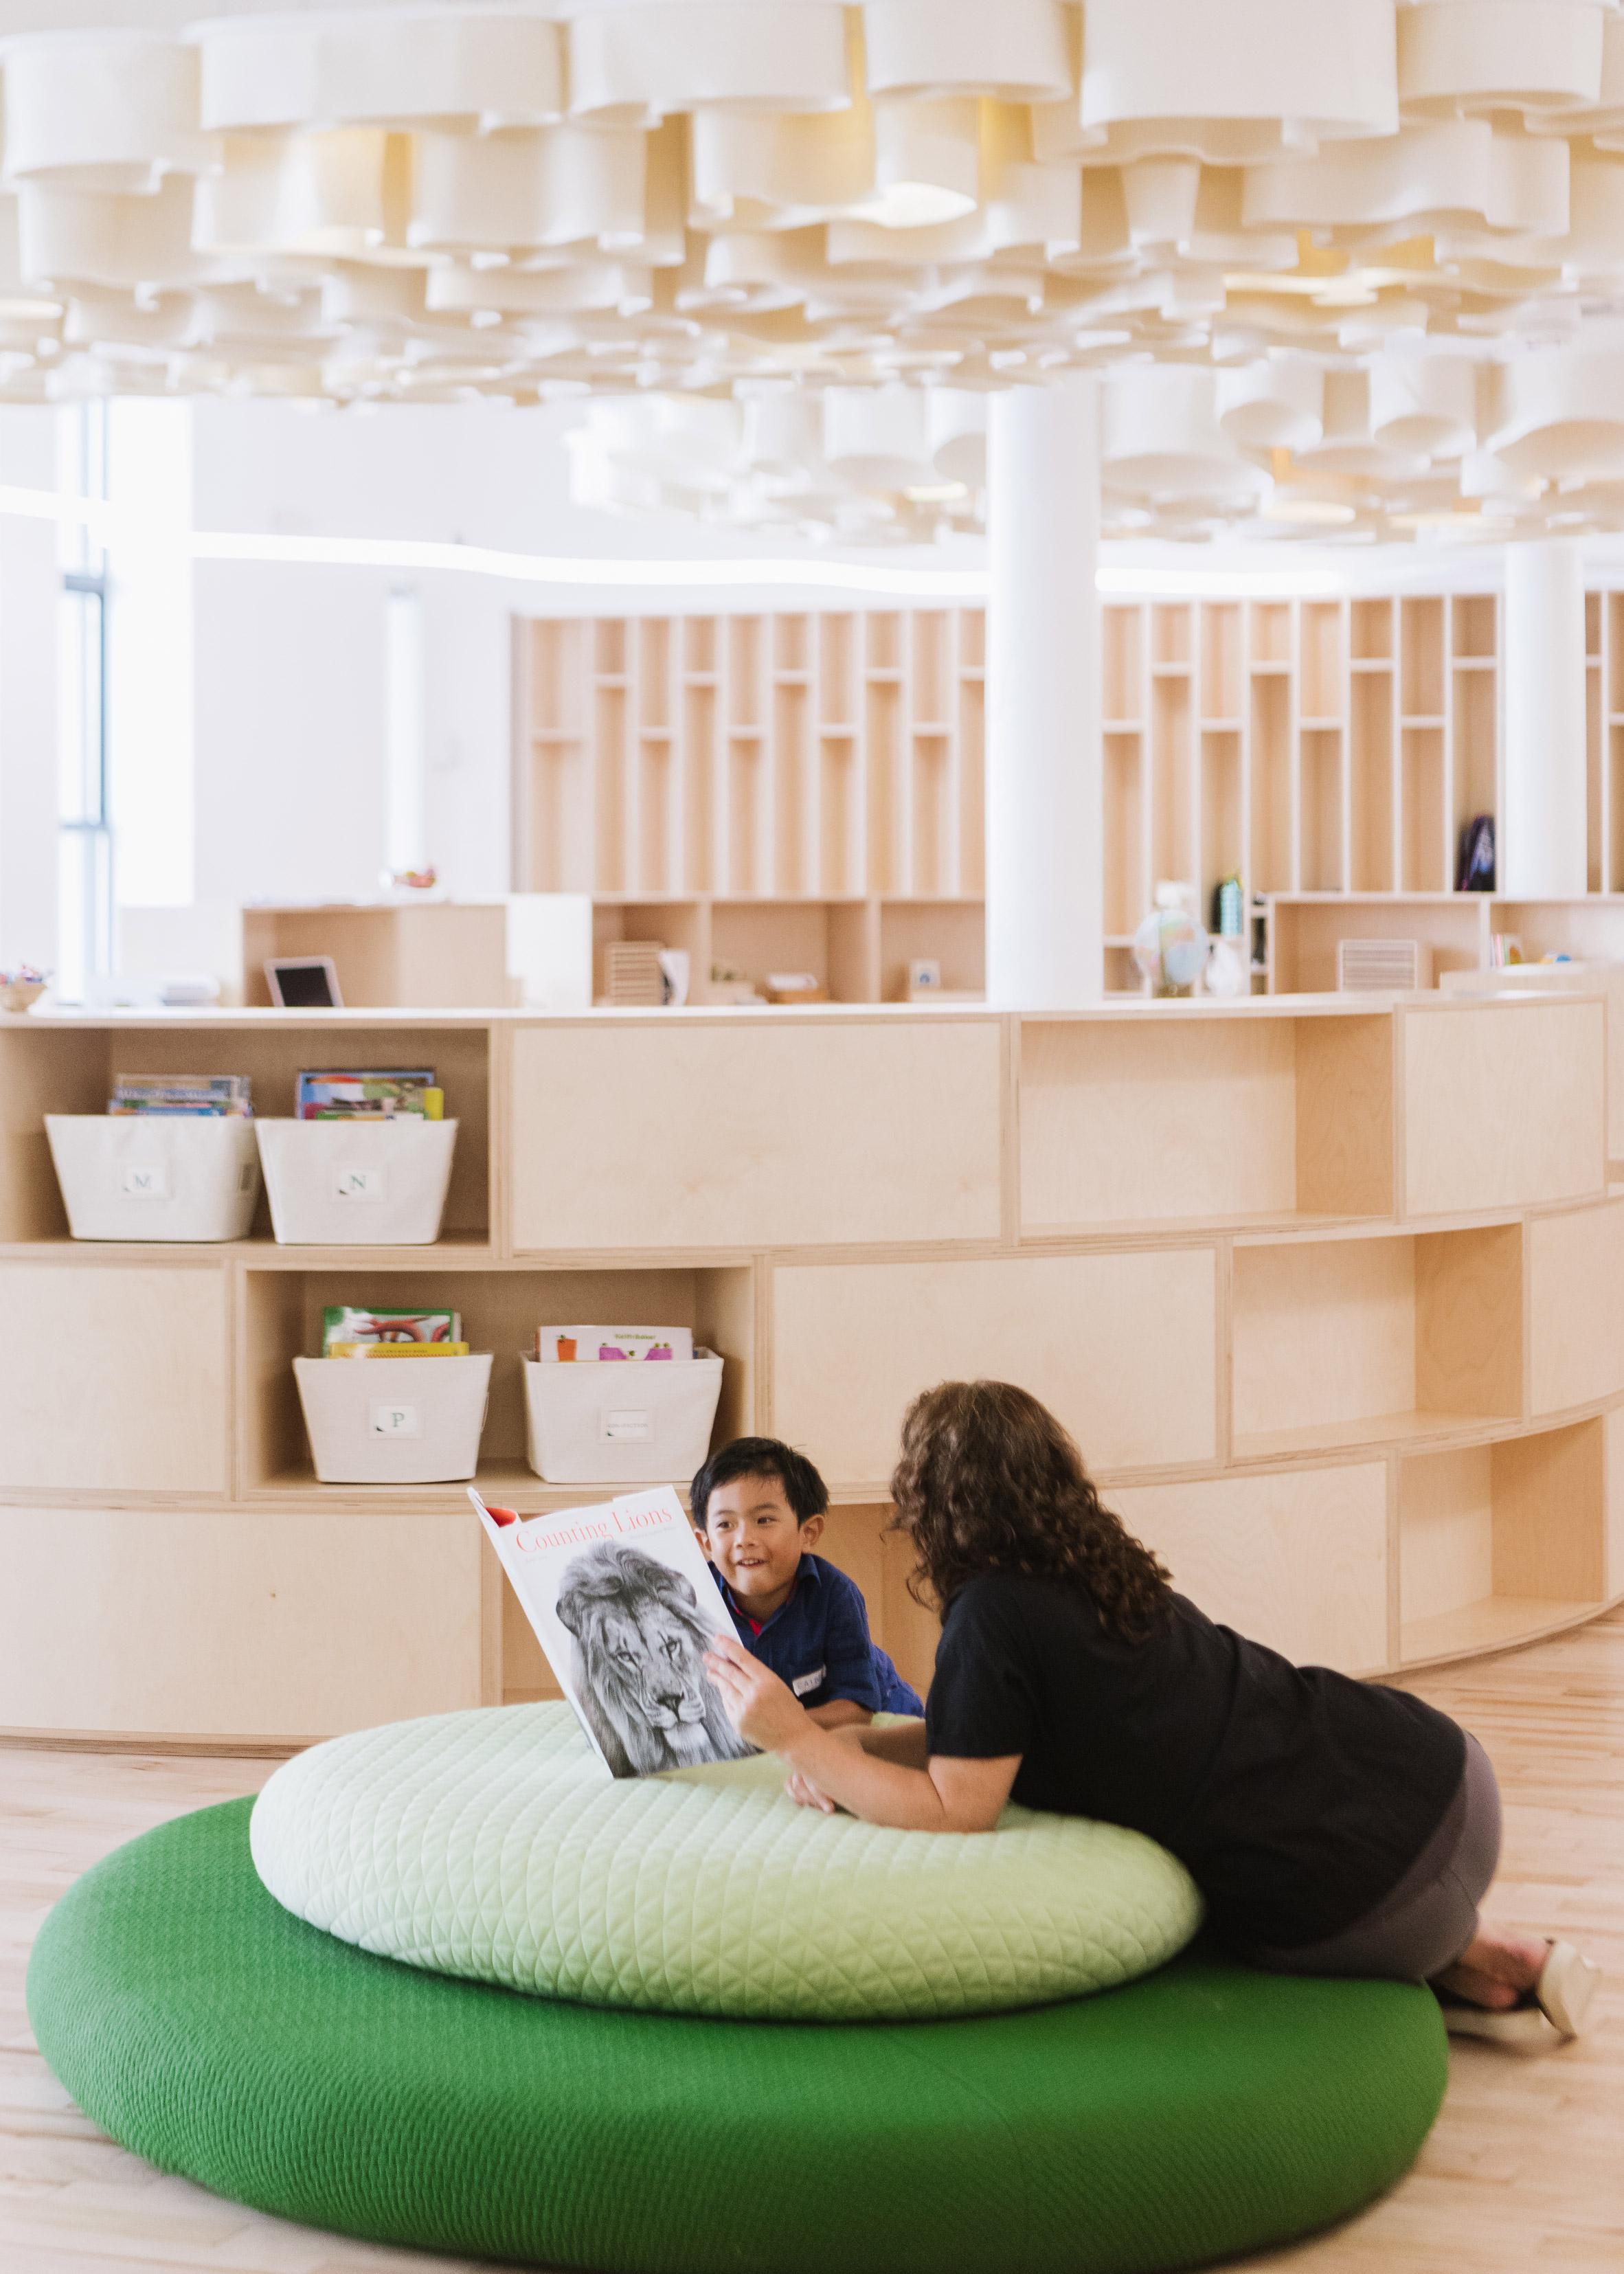 wegrow-big-wework-kindergarten-children-new-york-usa_dezeen_2364_col_1.jpg